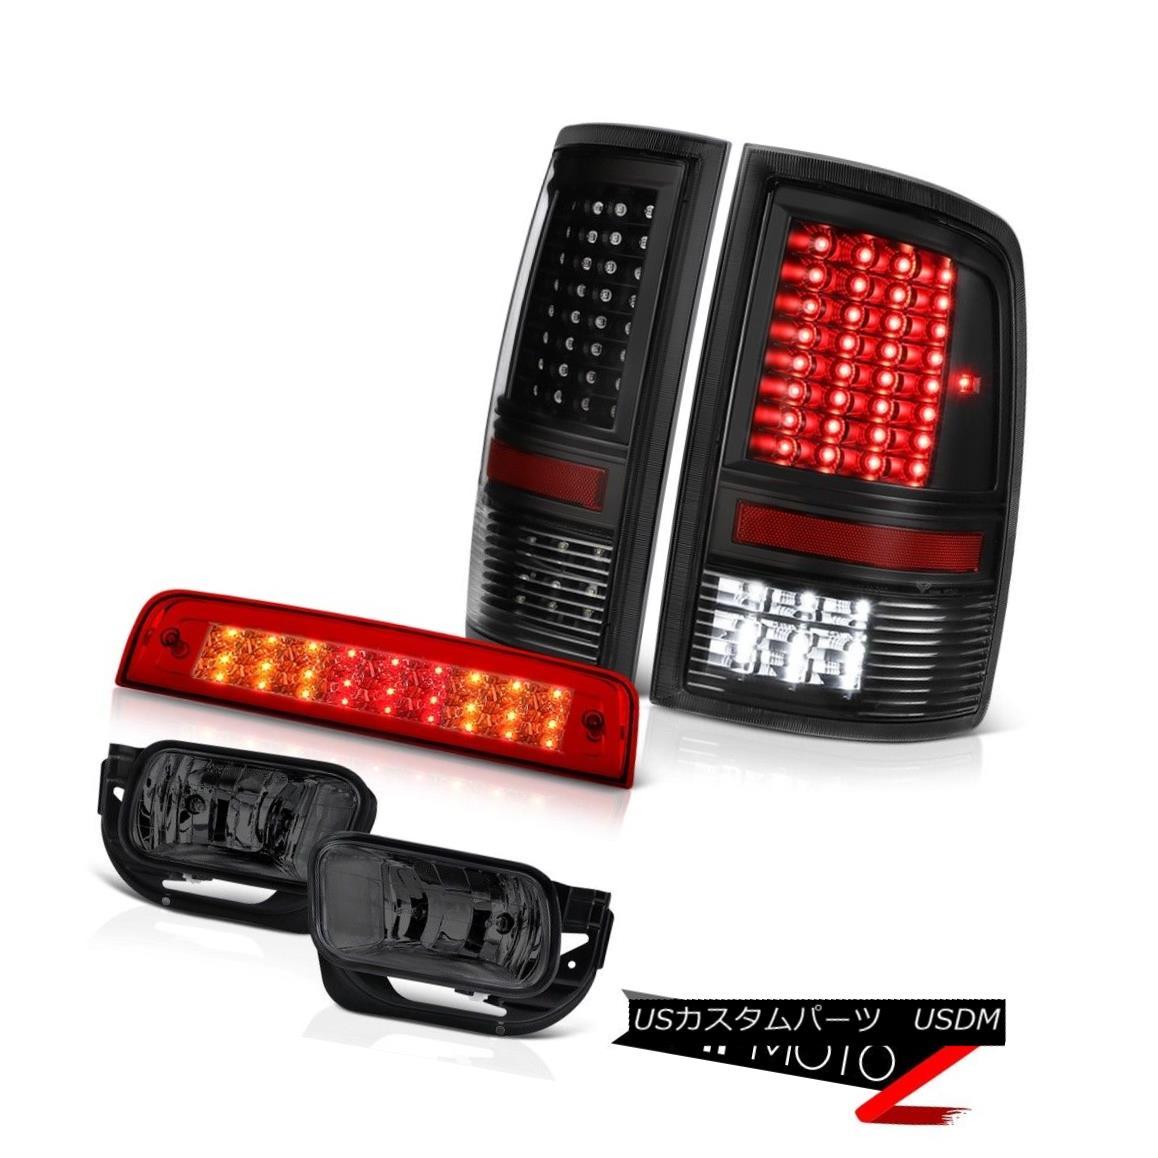 テールライト 2010-2018 Ram 3500 SLT Rosso Red Third Brake Lamp Tail Lights Fog